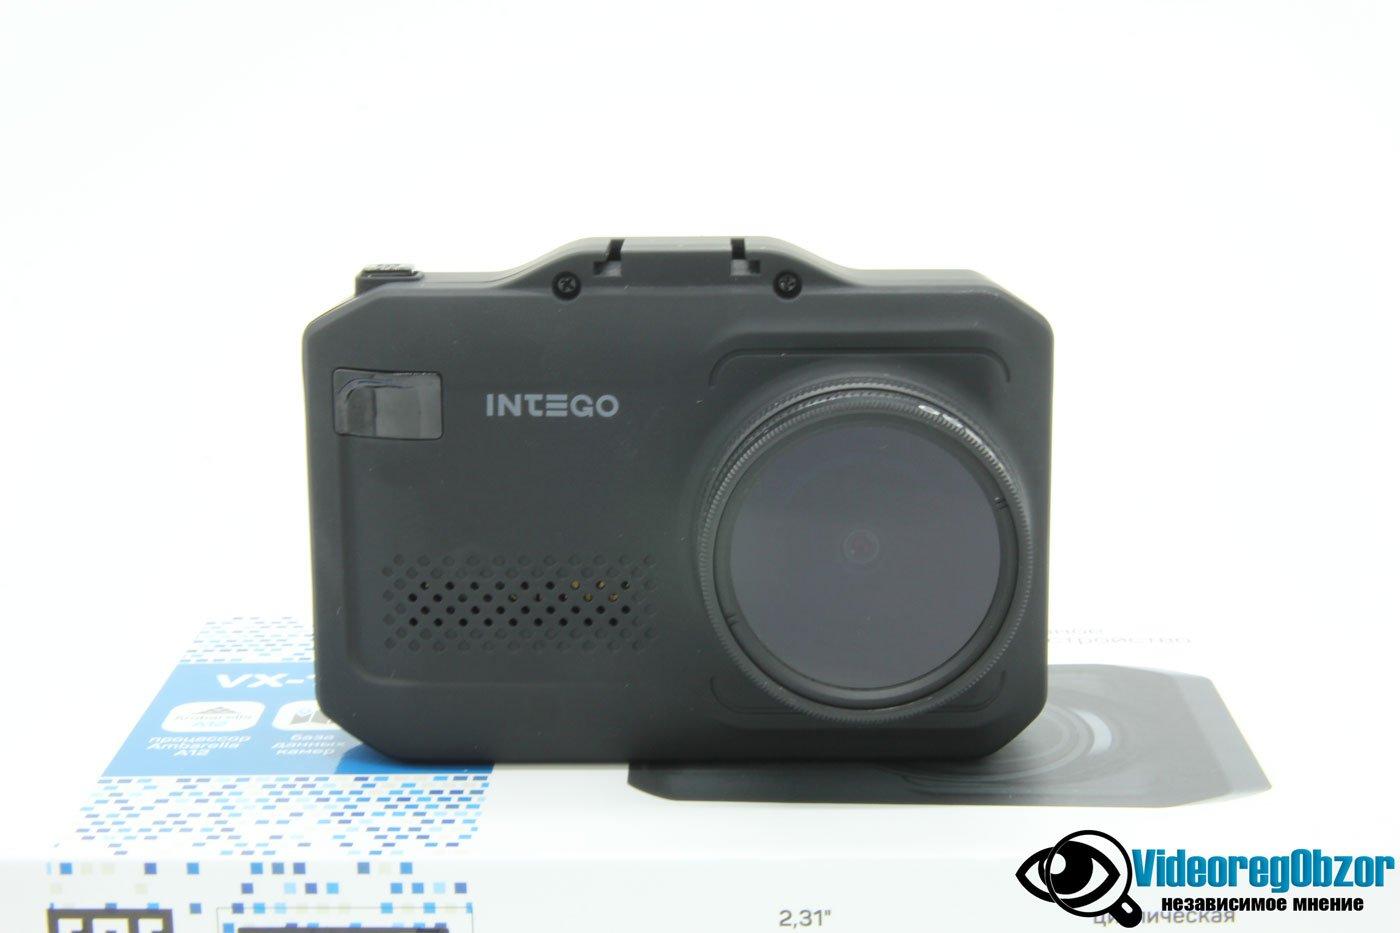 INTEGO VX 1000S 16